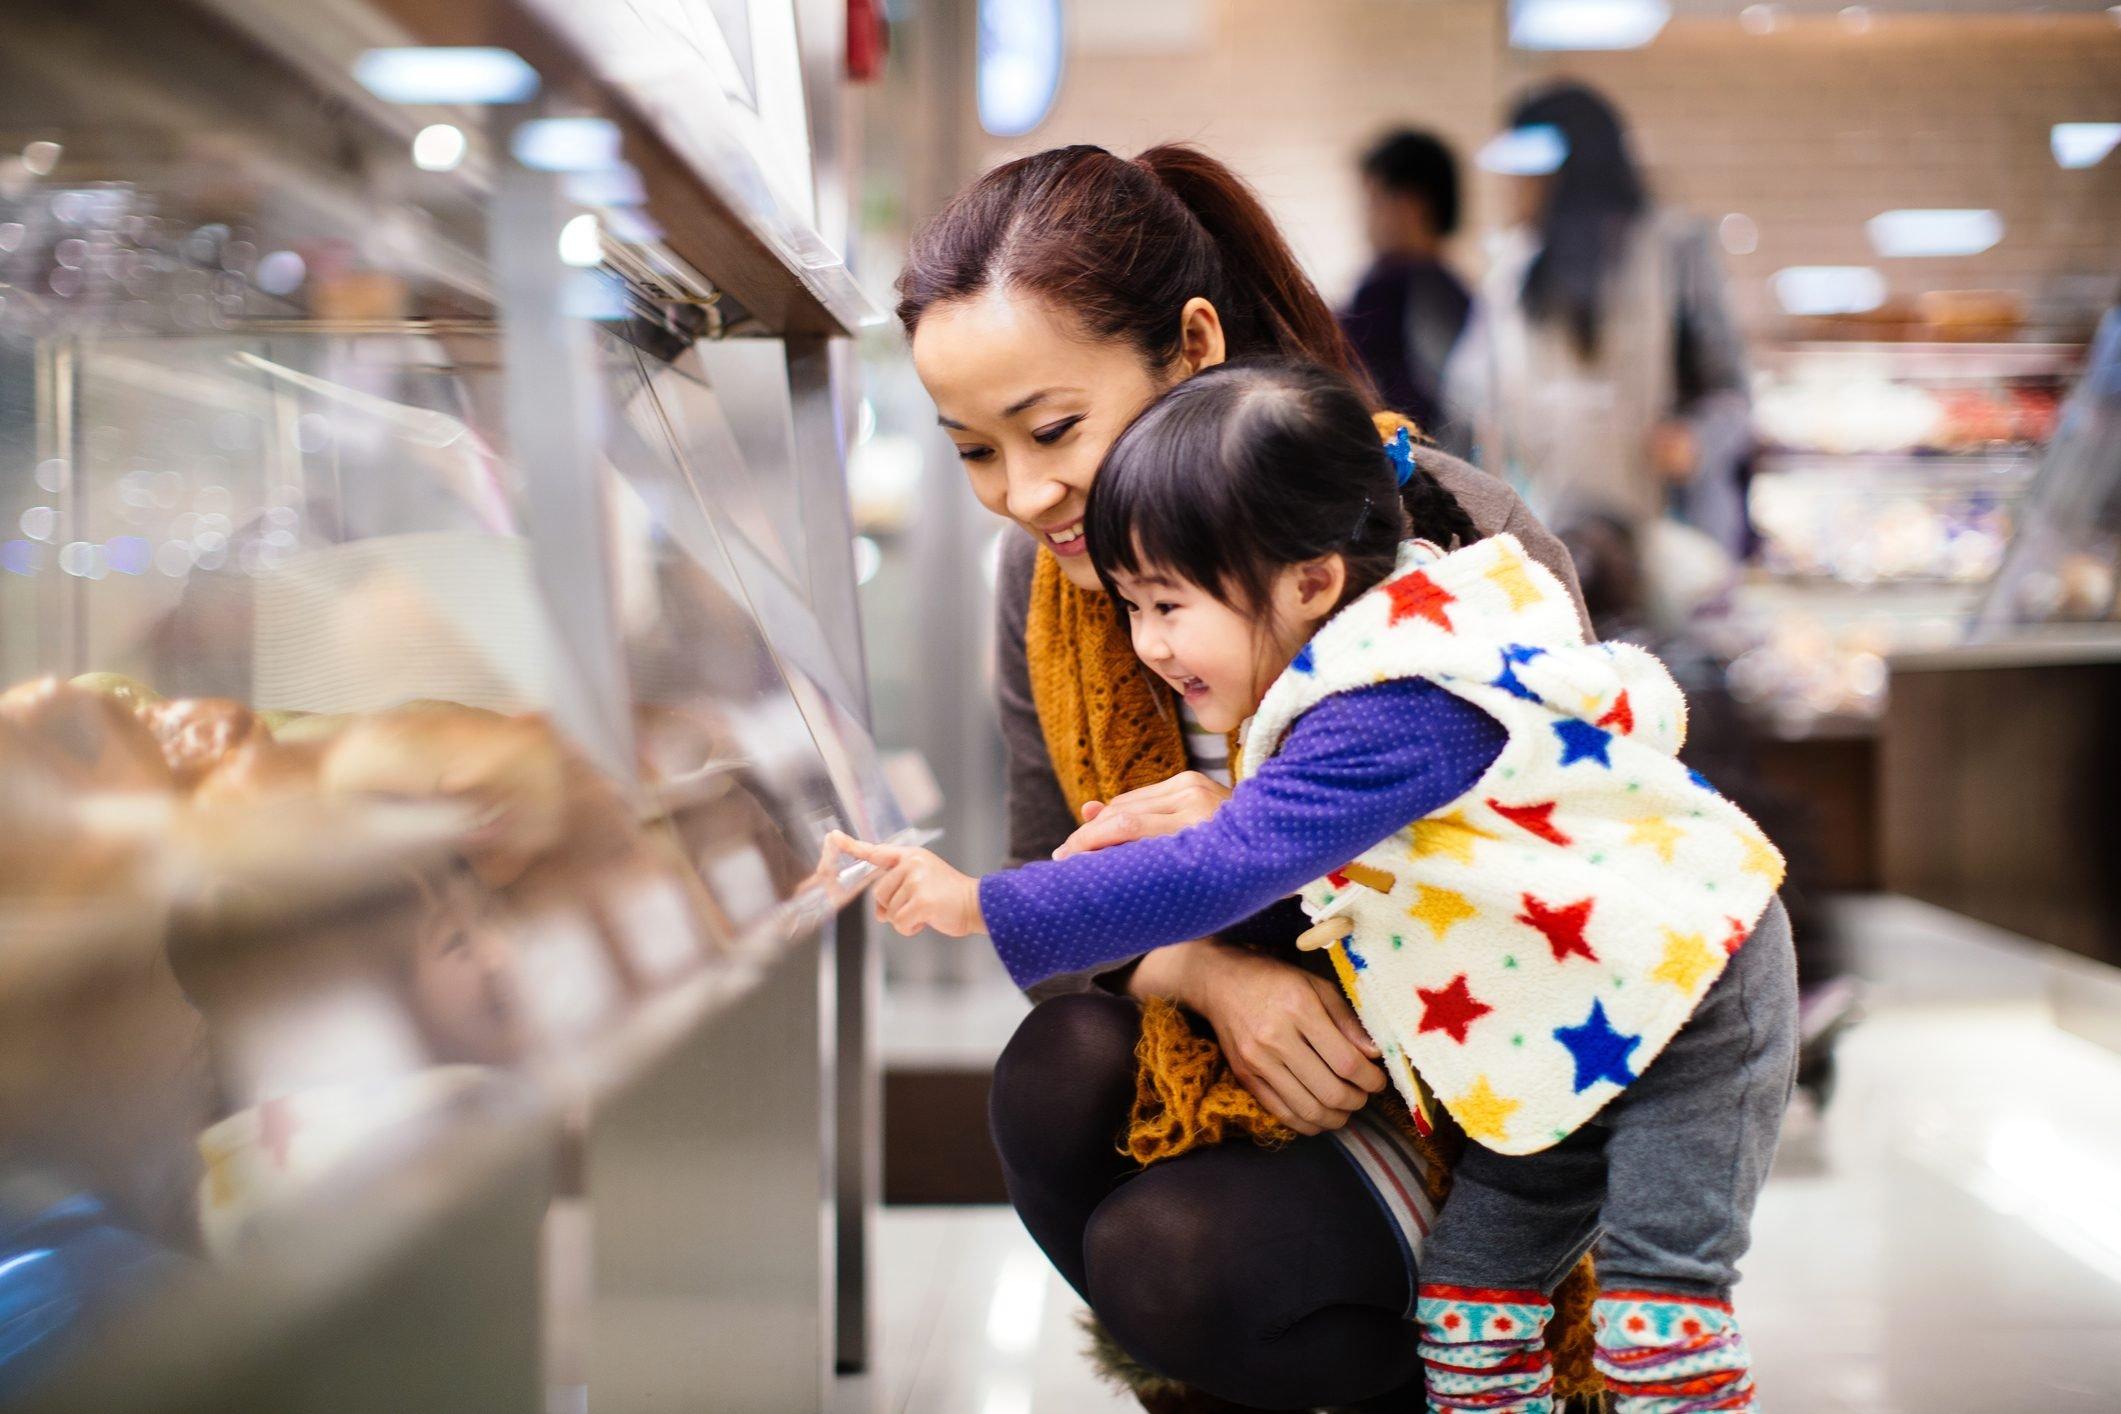 Mom & toddler girl shopping bread in the bakery